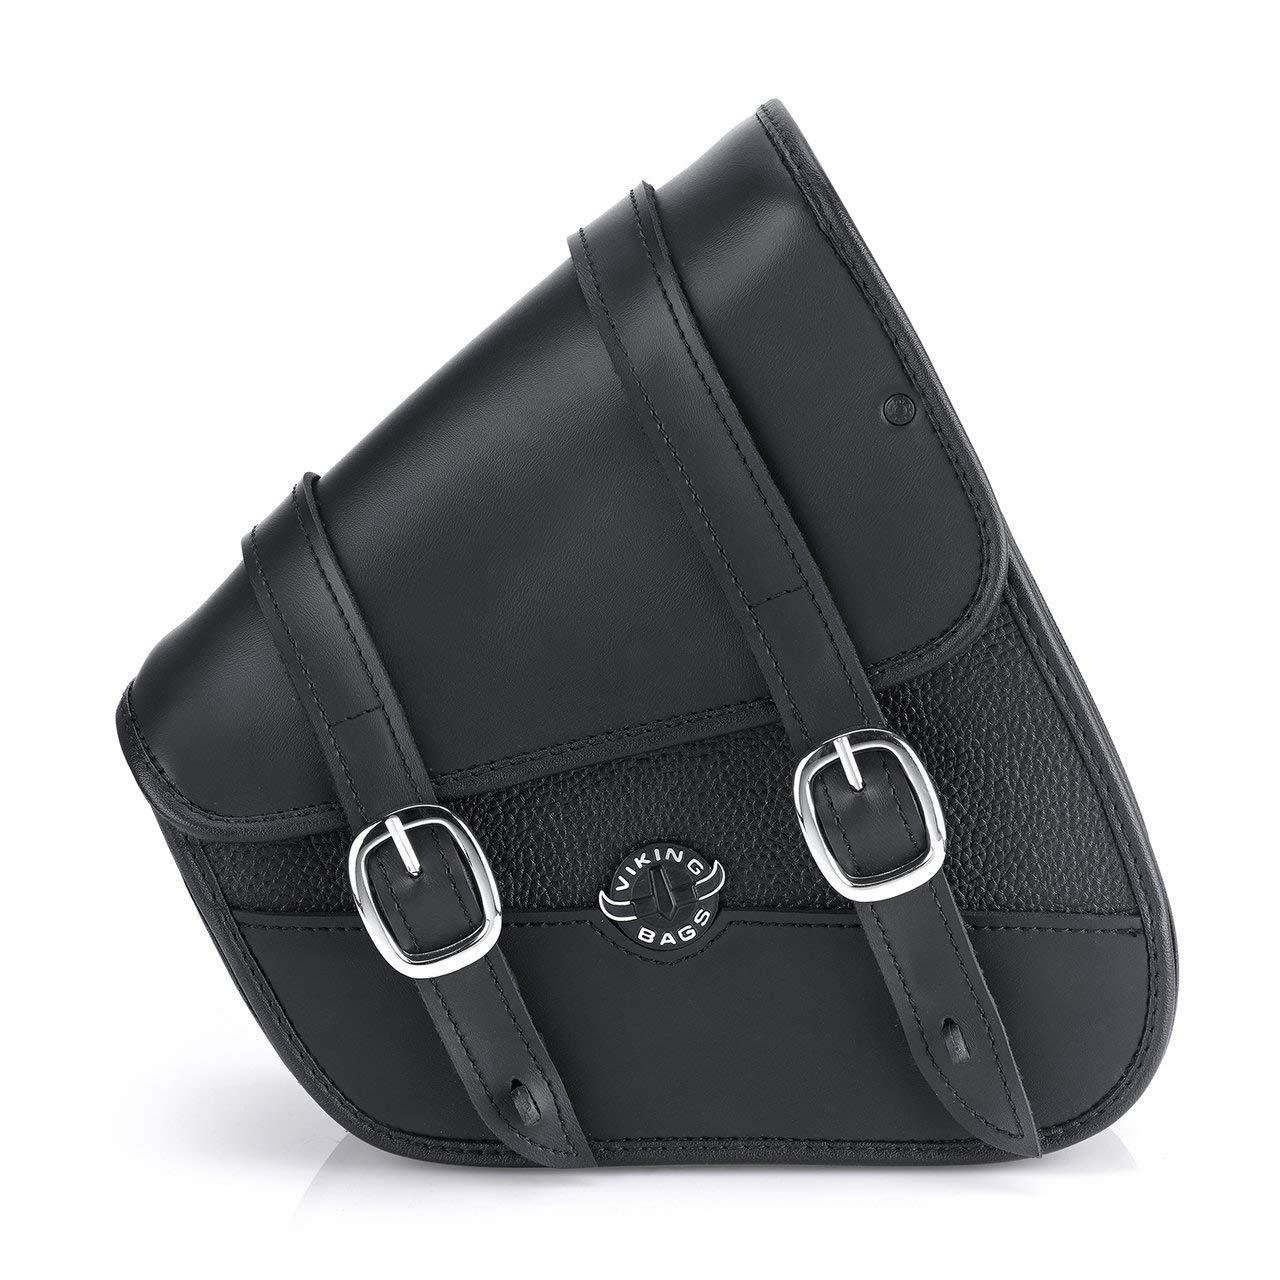 Viking Bags Harley Sportster Specific Motorcycle Swing Arm Bag Black